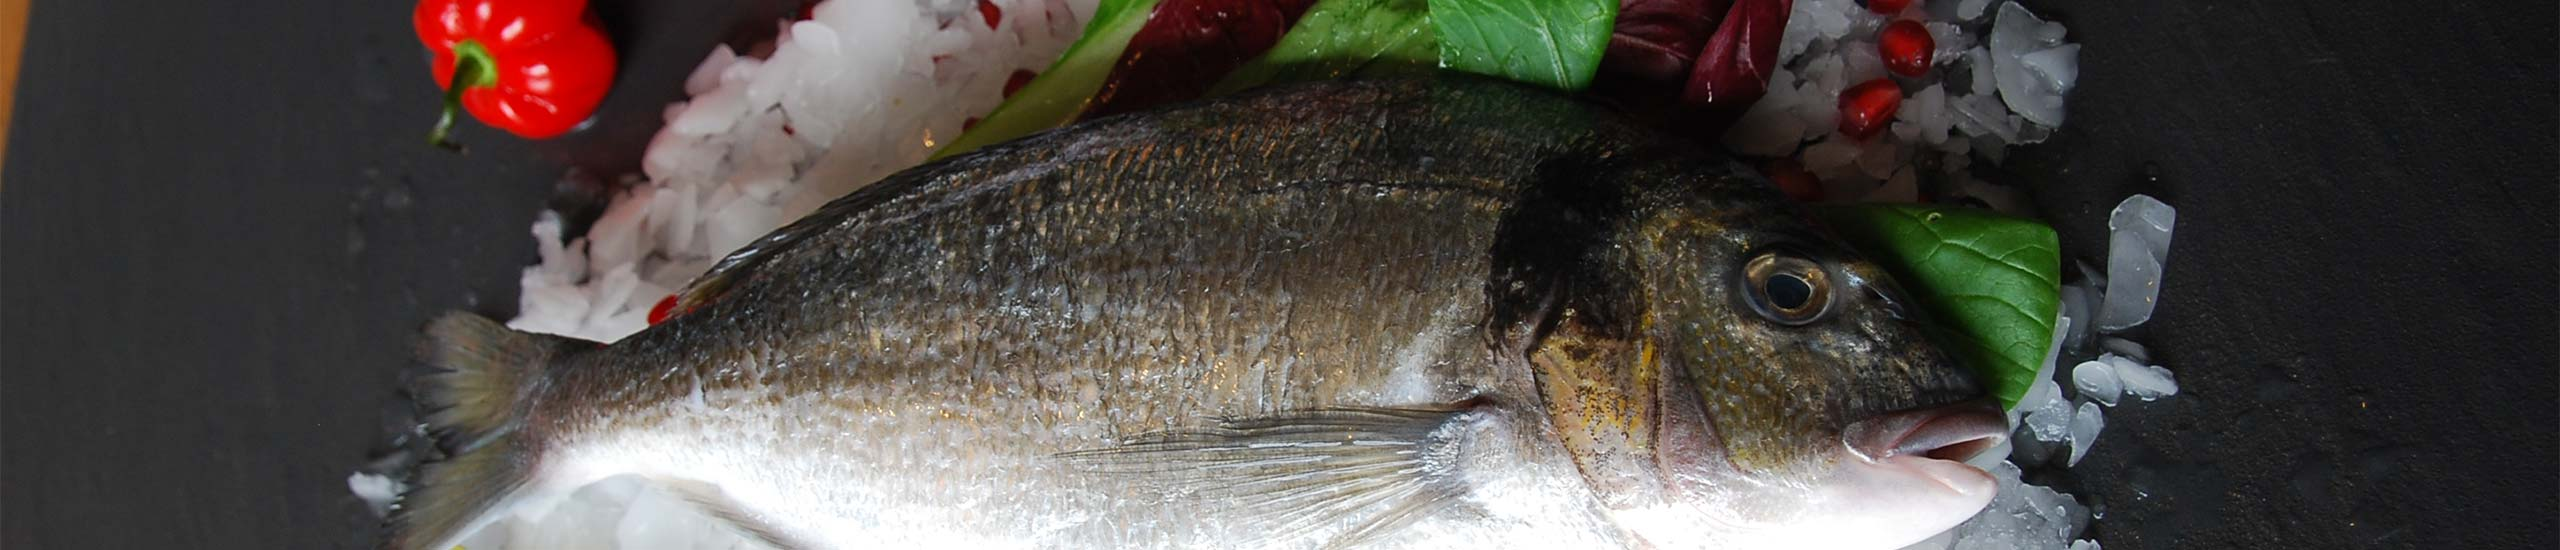 Fisch auf Eis dekoriert mit Granatapfel, Paprika und Zitronen